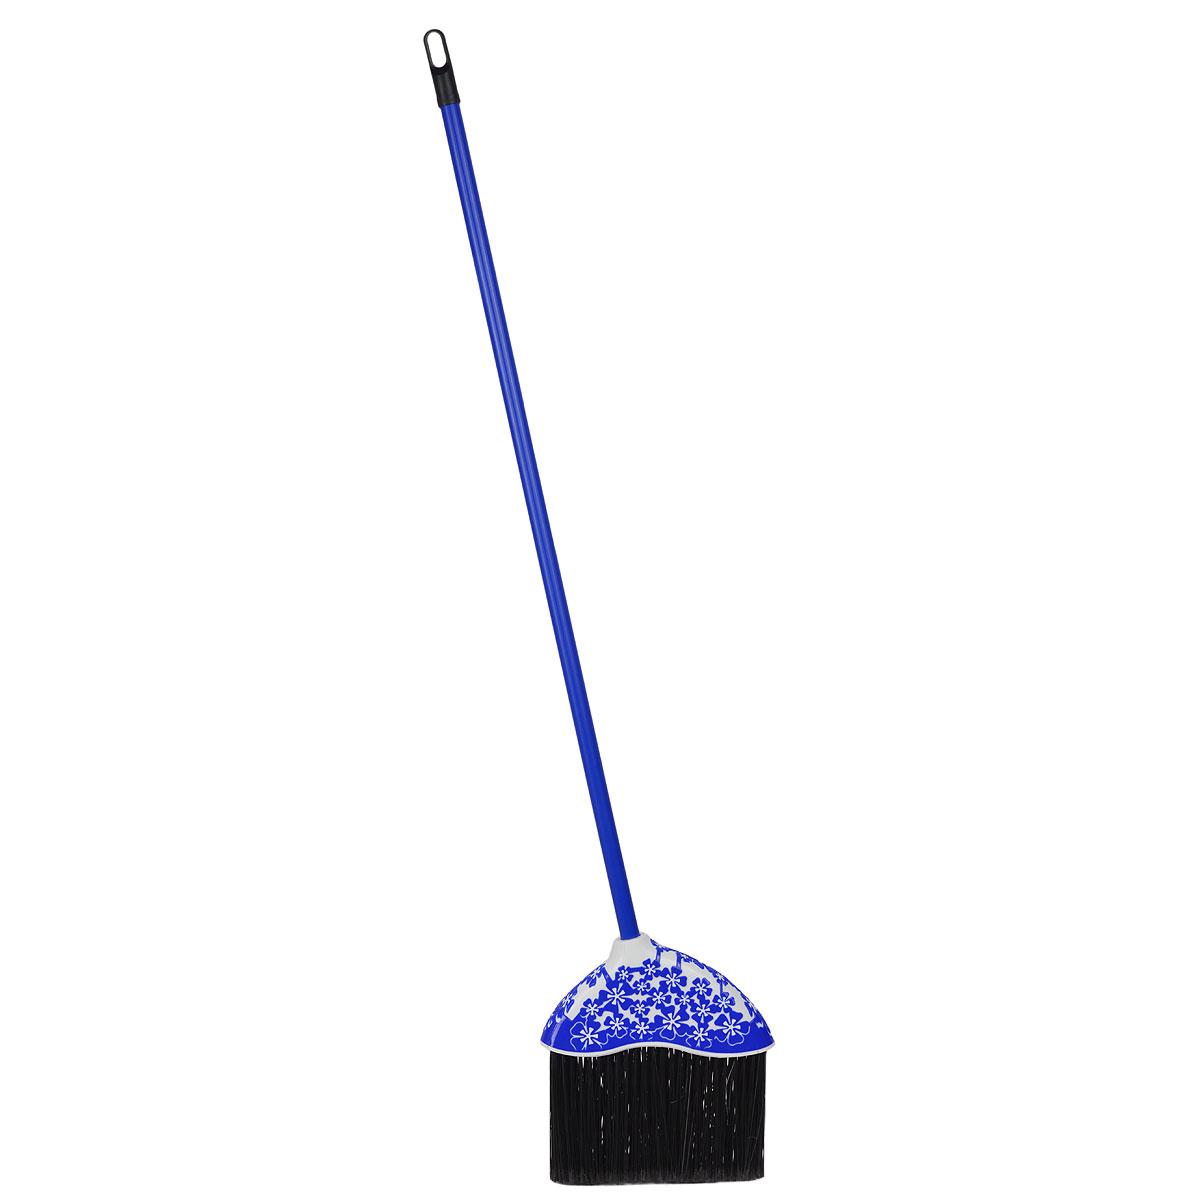 Веник Альтернатива Камелия, жесткий, цвет: синий, 123 смM3430Традиционный веник Альтернатива Камелия для подметания, выполненный из полипропилена. Оснащен длинным черенком из пластика. Рабочая часть украшена узорами. Черенок оснащен отверстием для подвешивания. Оригинальный, современный, удобный веник сделает уборку эффективнее и приятнее.